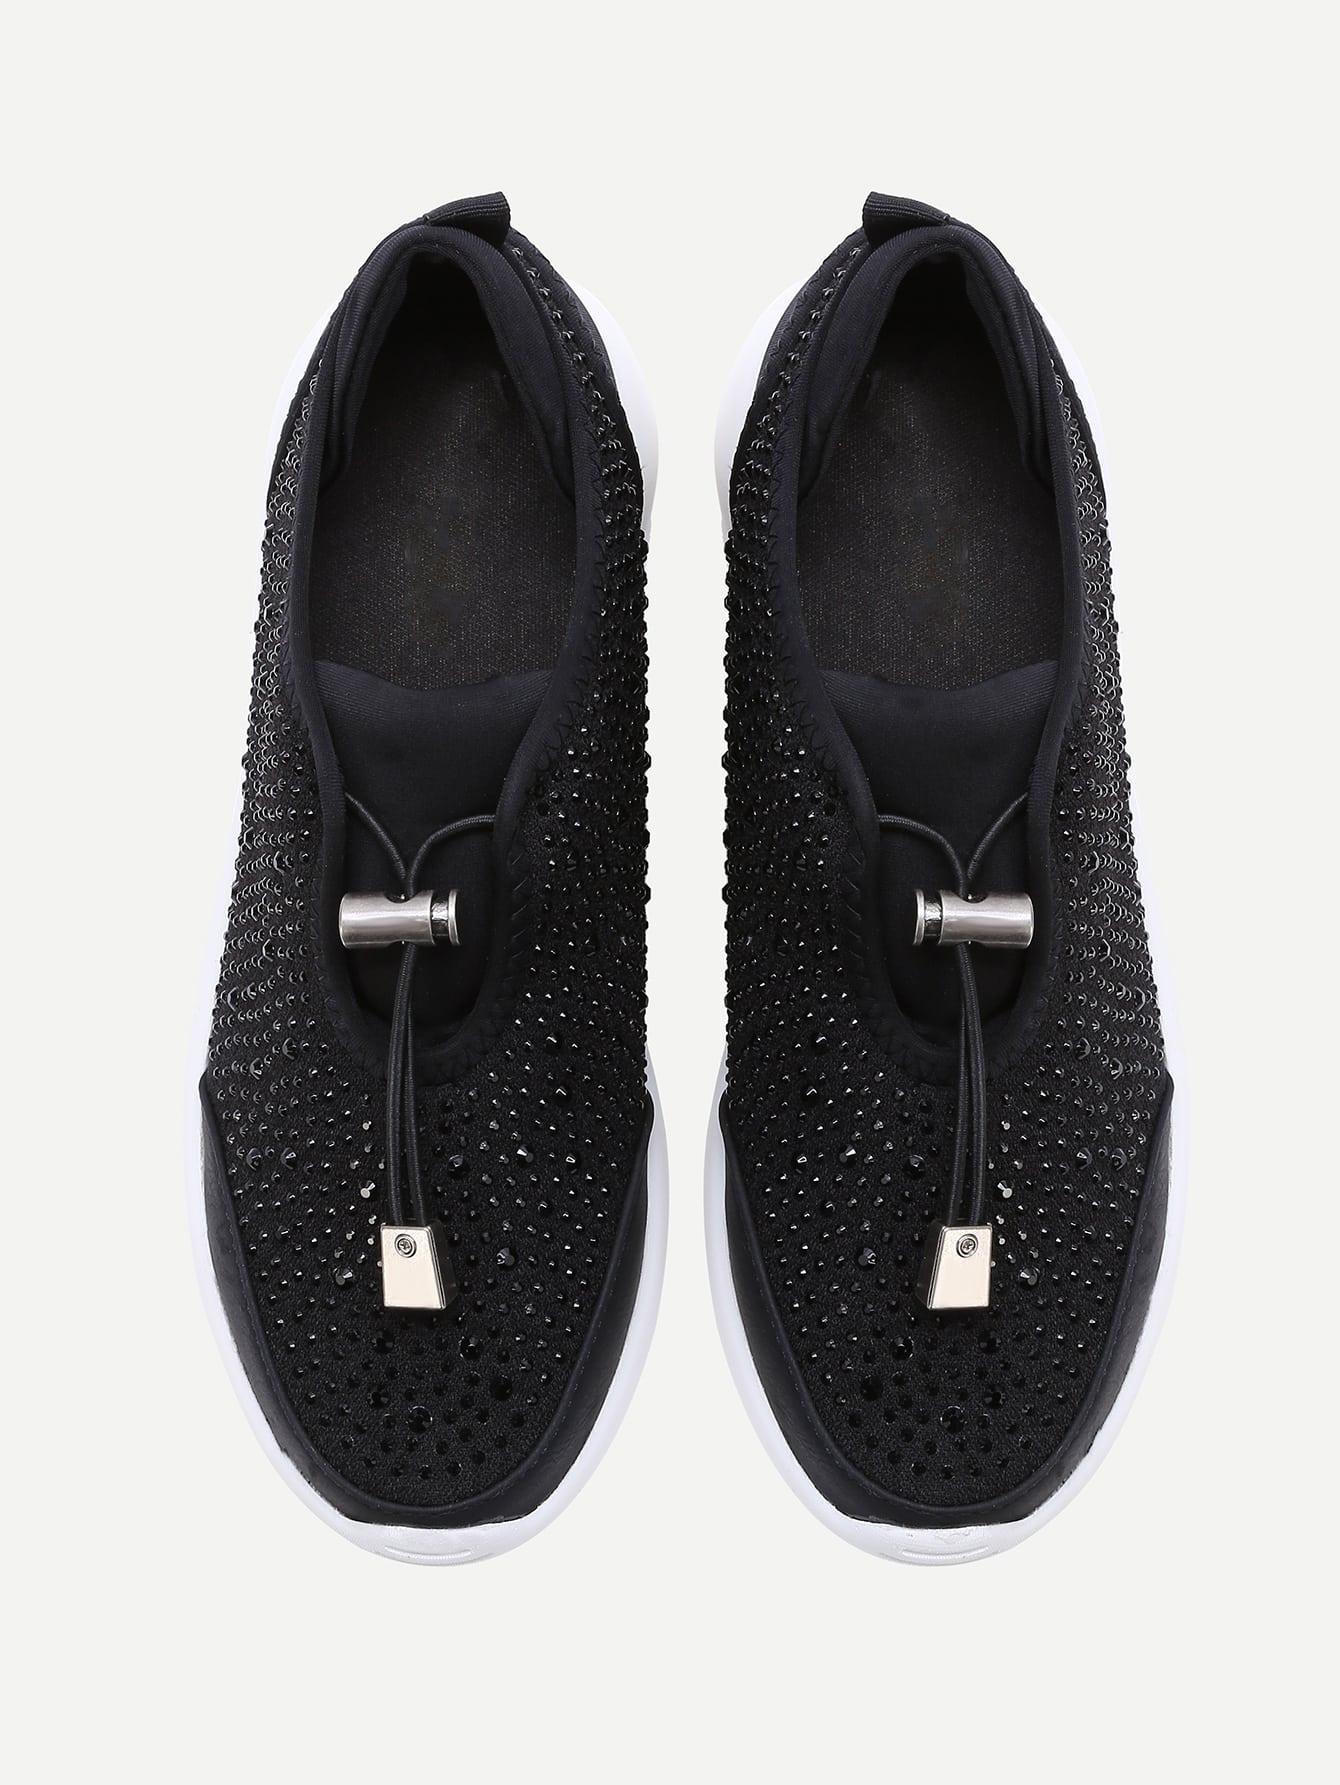 shoes170314804_2